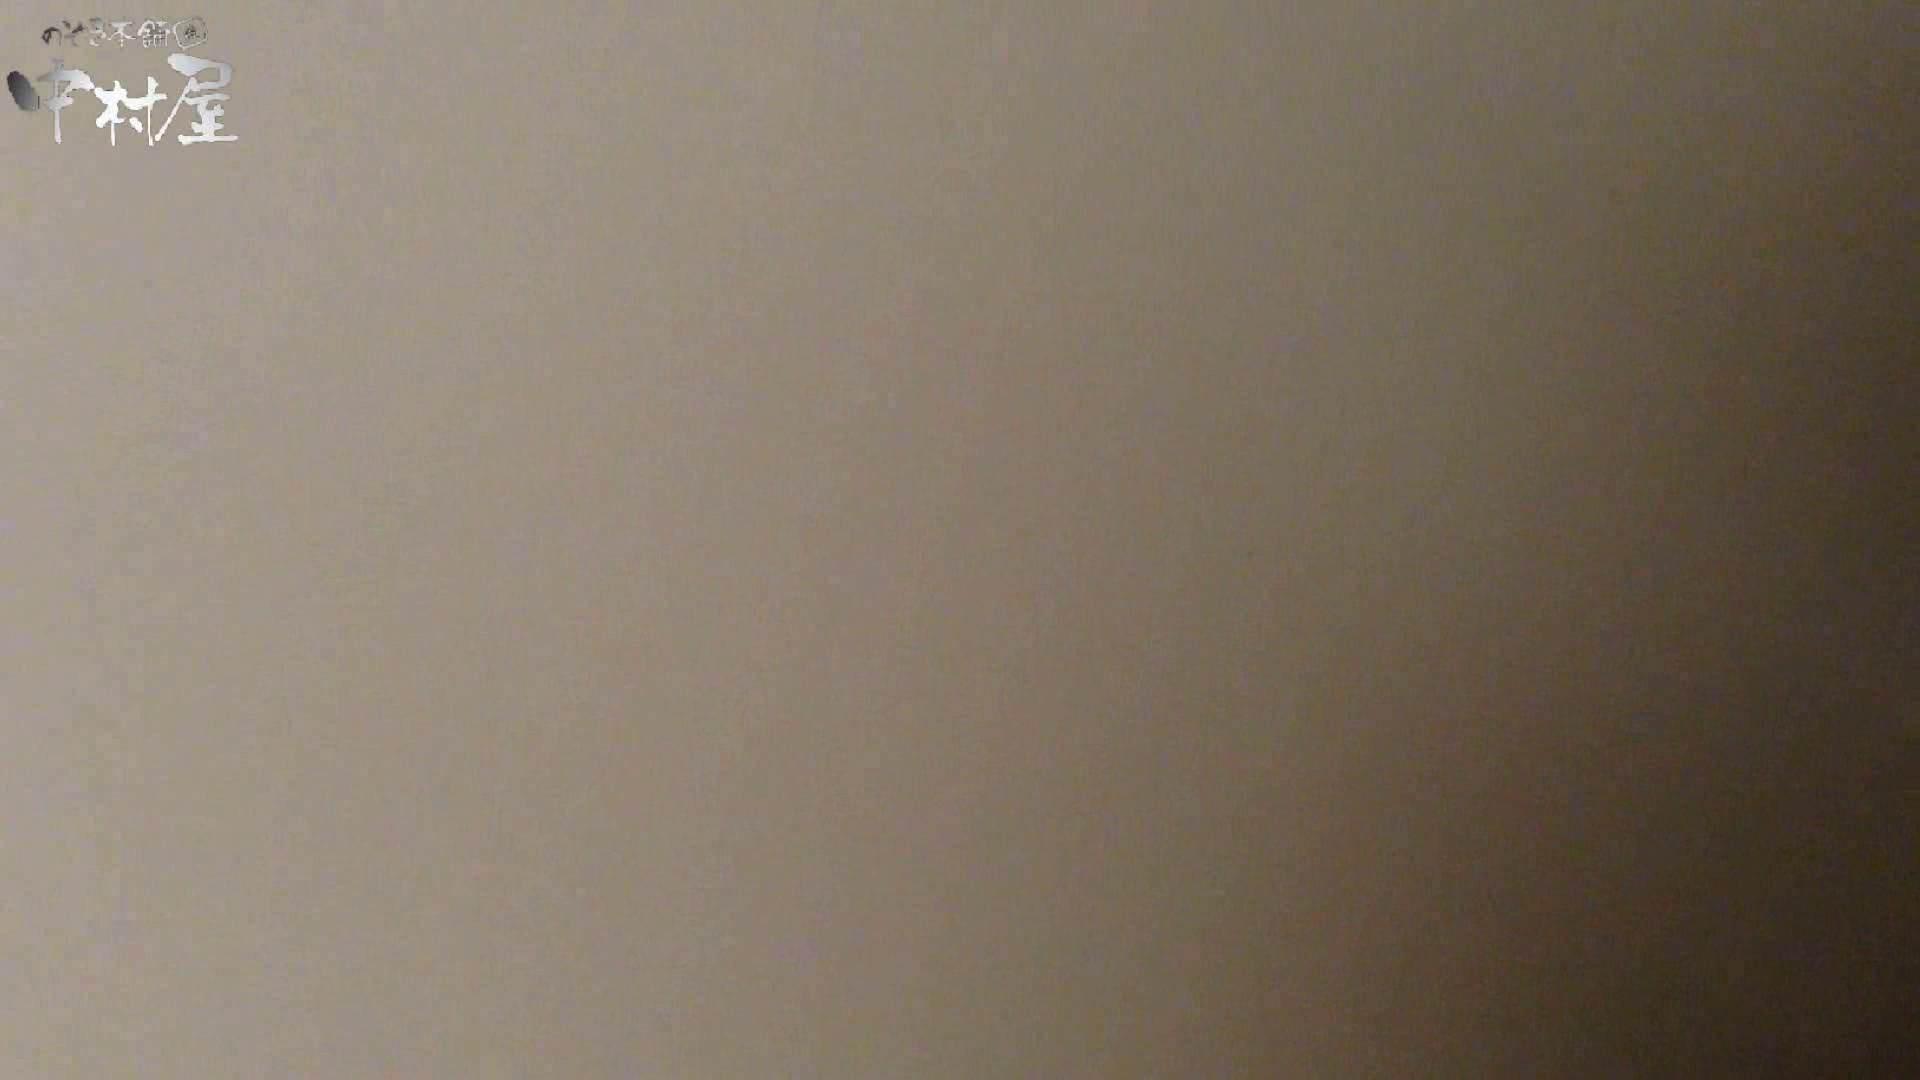 部活女子トイレ潜入編vol.6 綺麗なOLたち おまんこ無修正動画無料 75枚 72